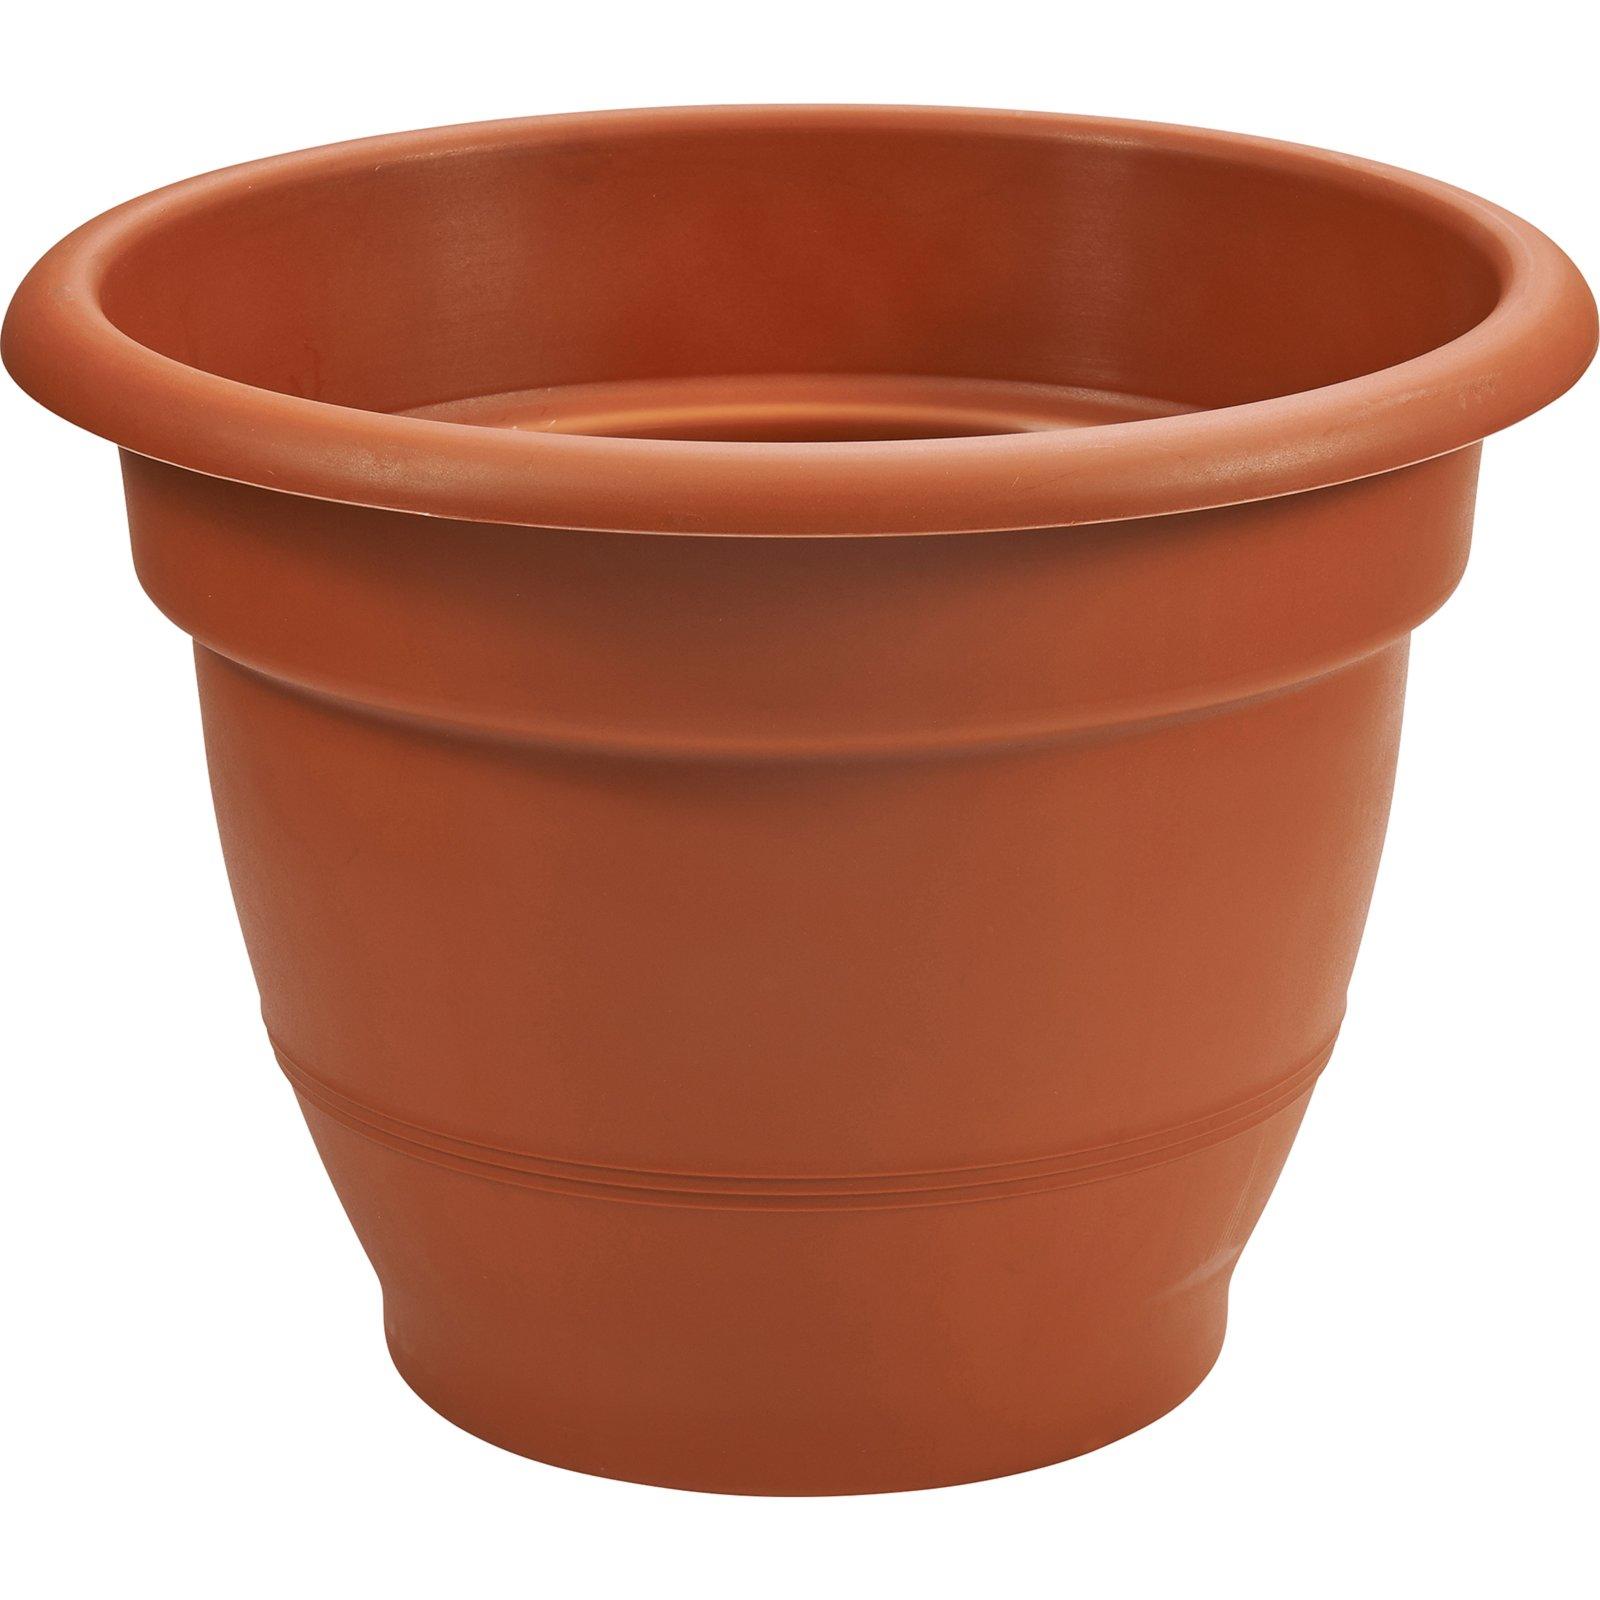 Blumentopf SYDNEY - terracotta - Durchmesser 38 cm